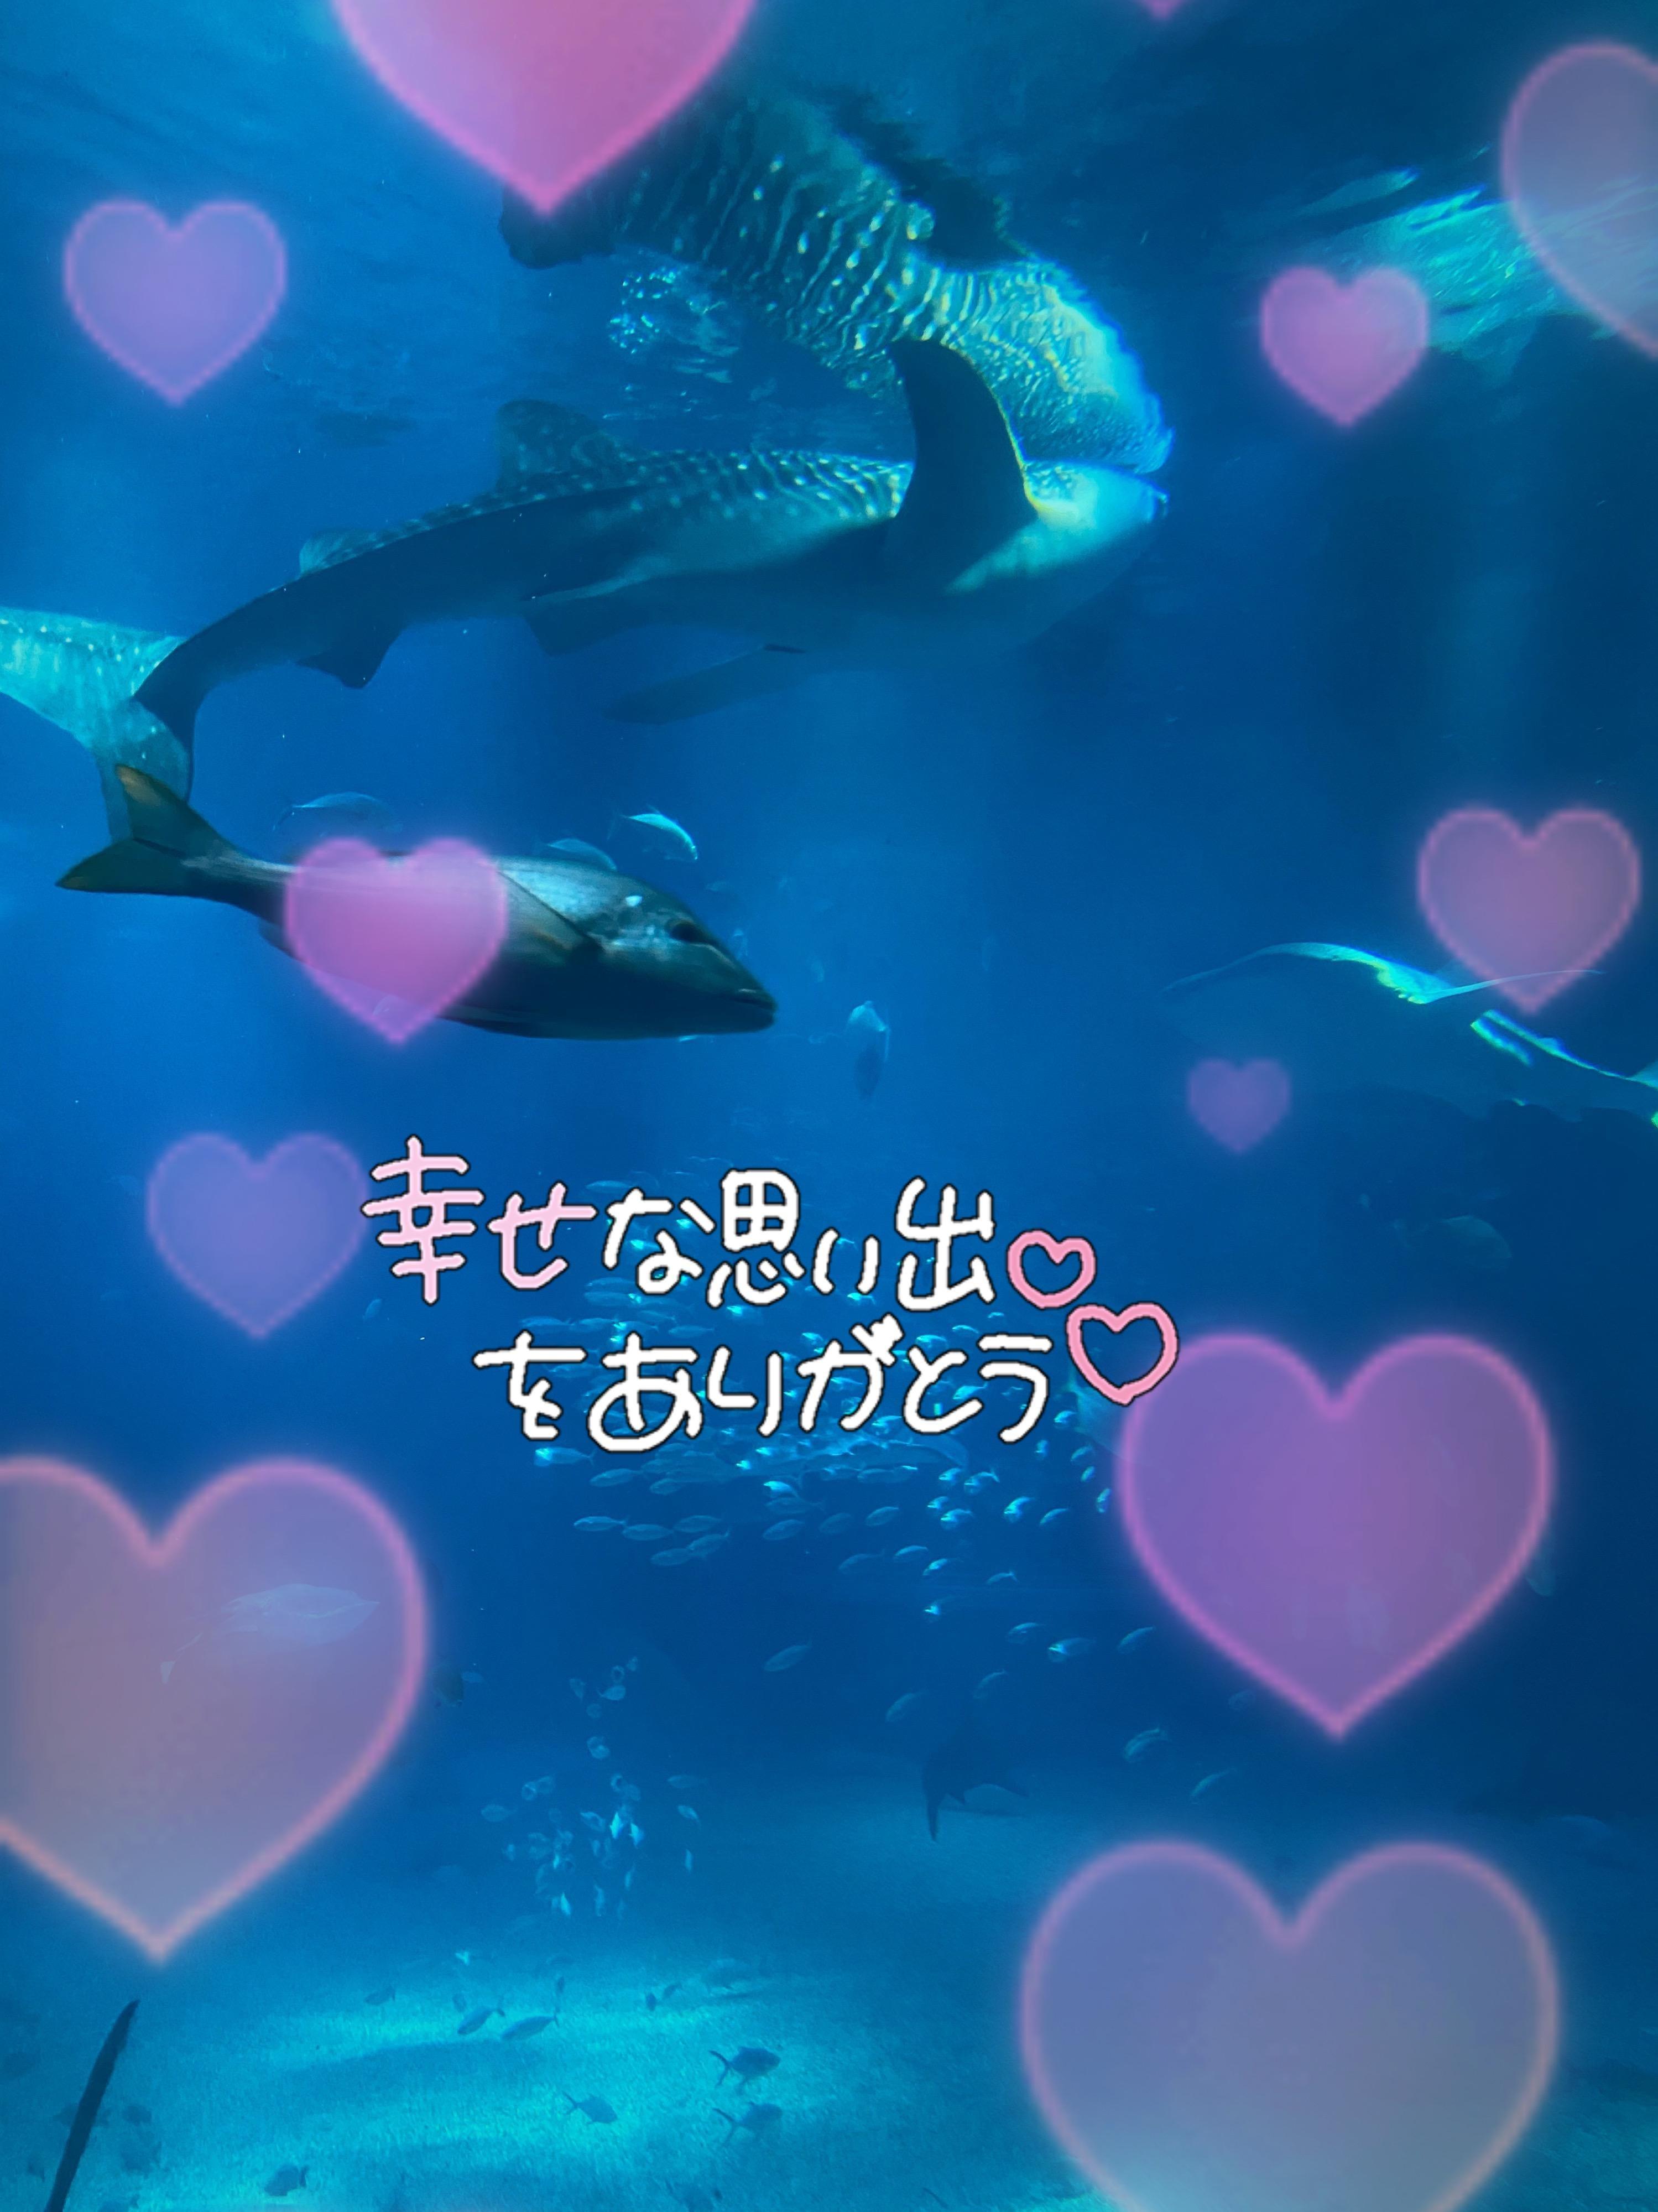 「3150❤️❤️」02/27(02/27) 23:56 | みさきの写メ・風俗動画